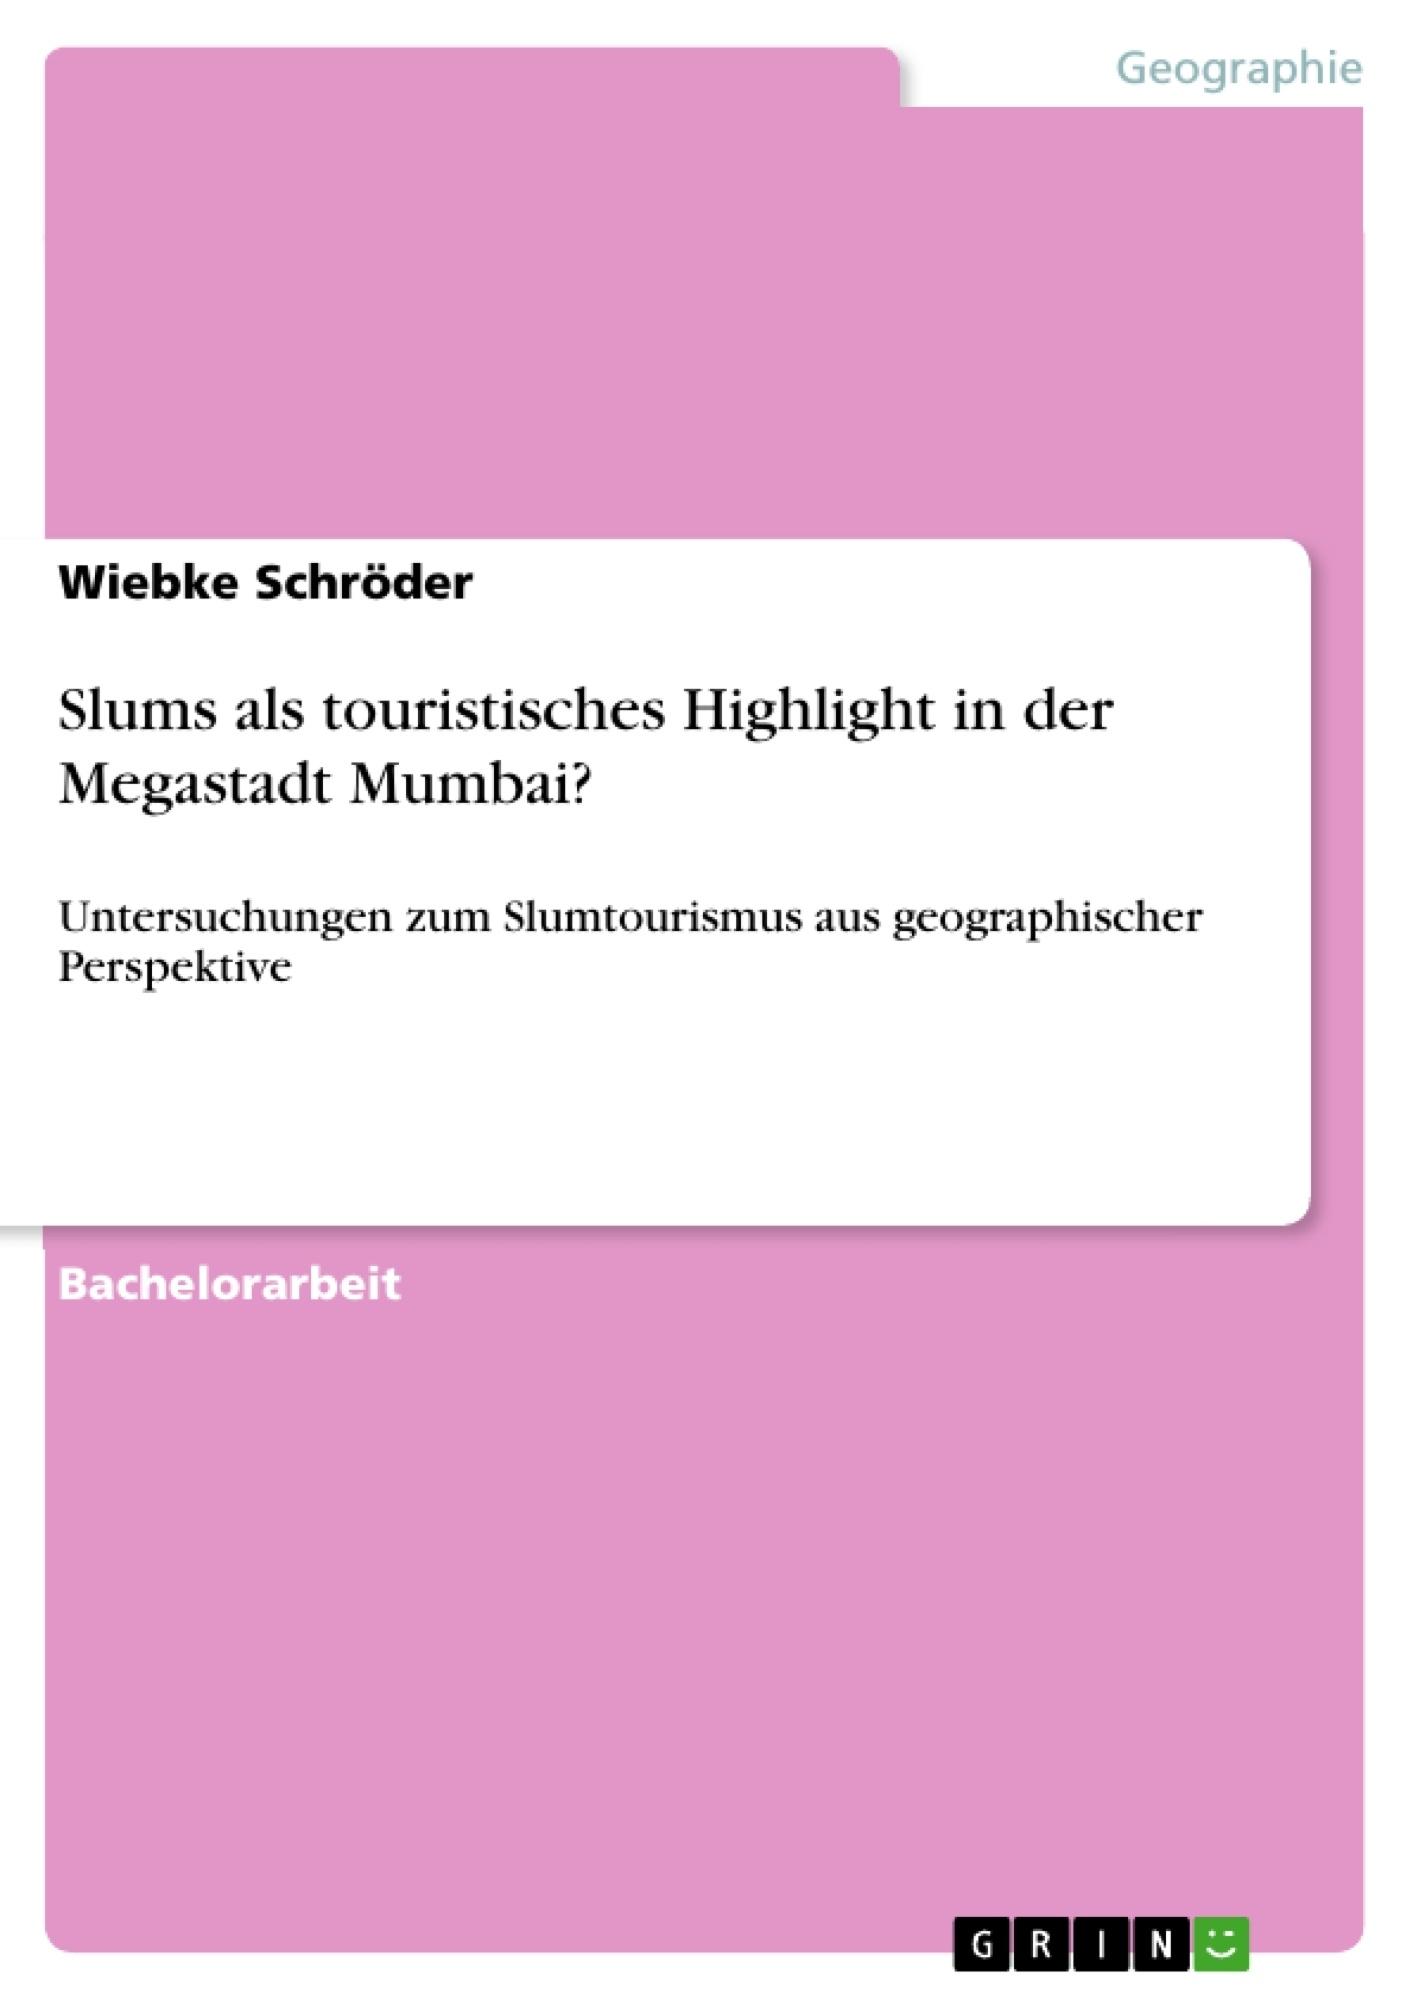 Titel: Slums als touristisches Highlight in der Megastadt Mumbai?